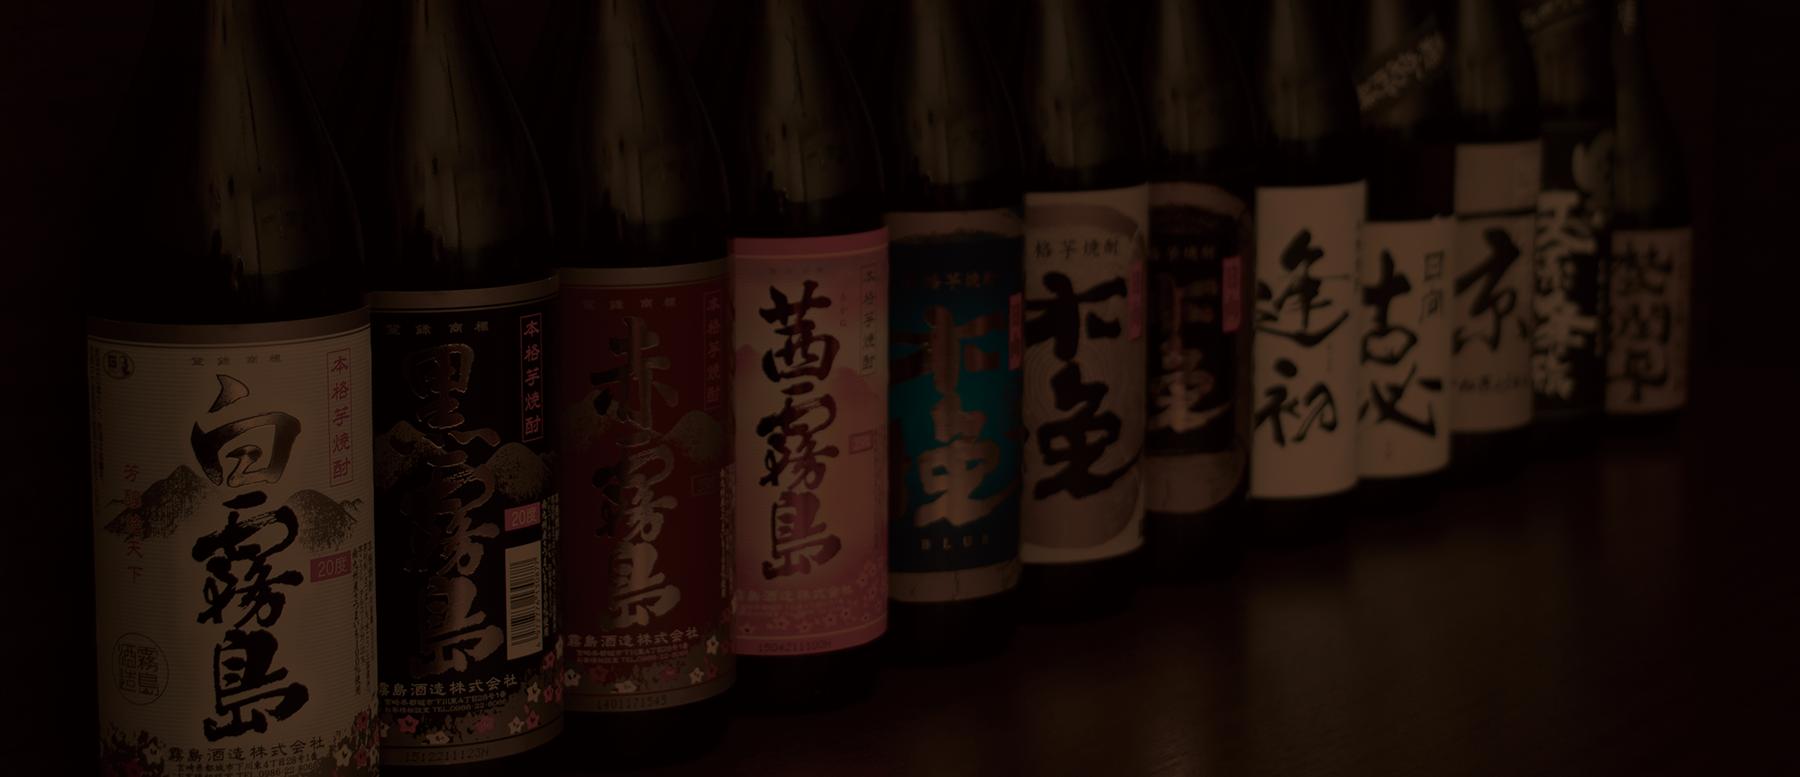 宮崎でおすすめの焼酎